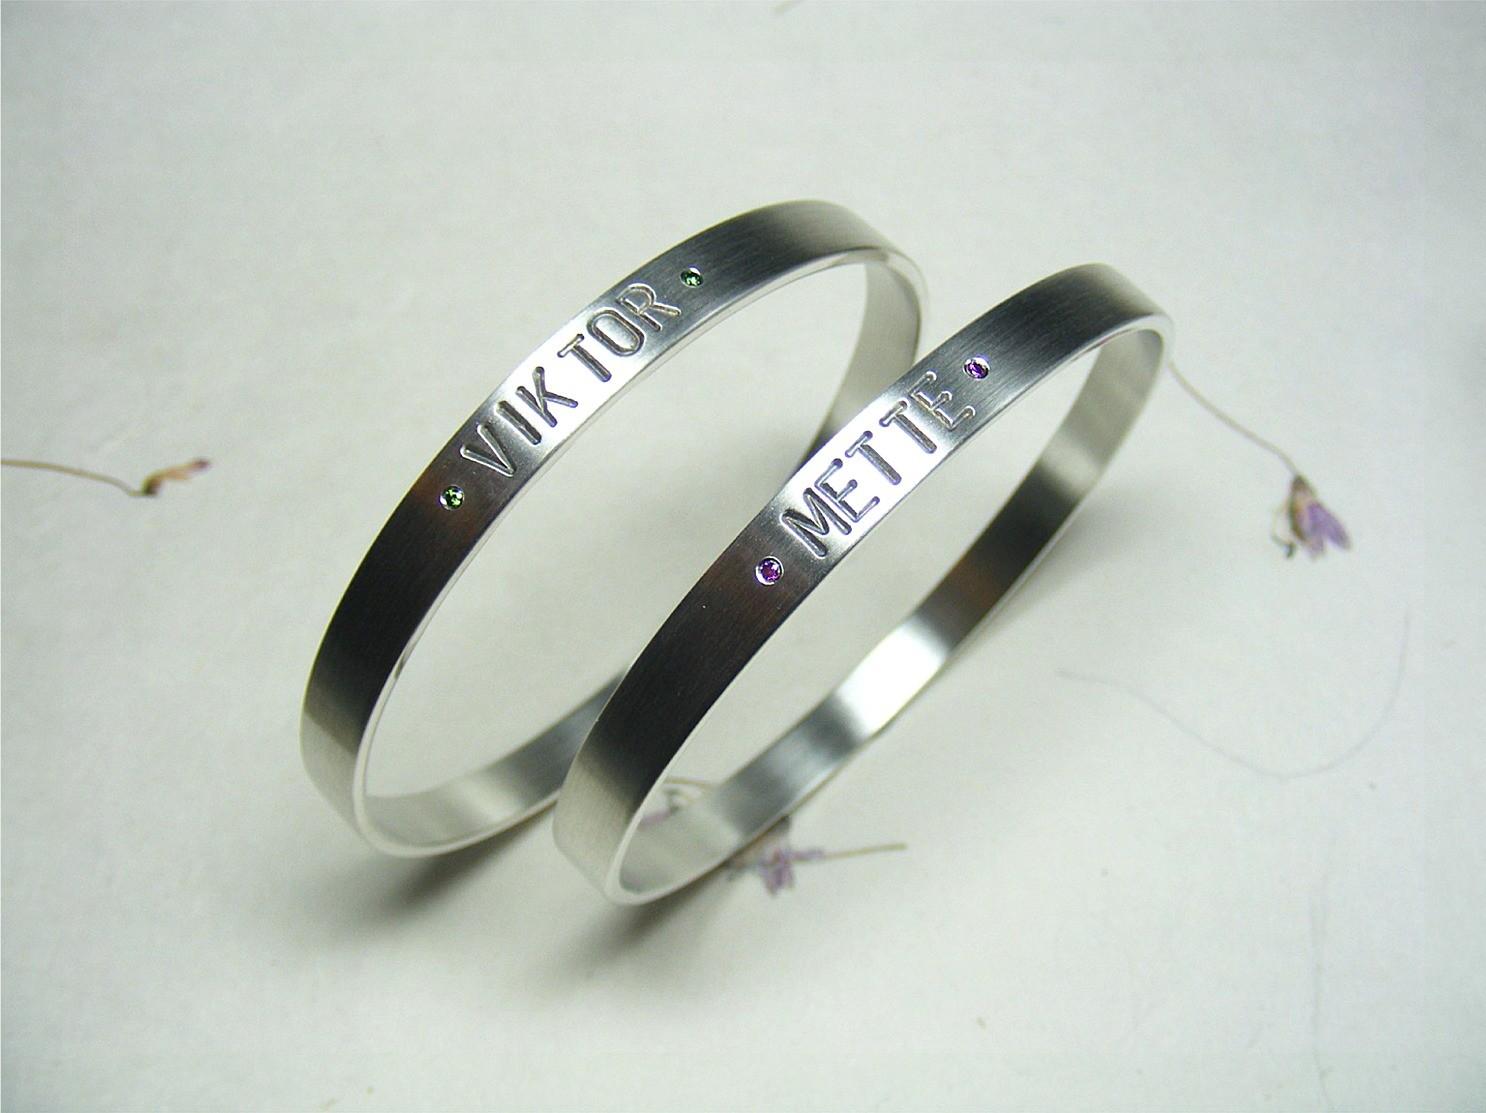 armbandenset, zilver en groene en paarse diamanten